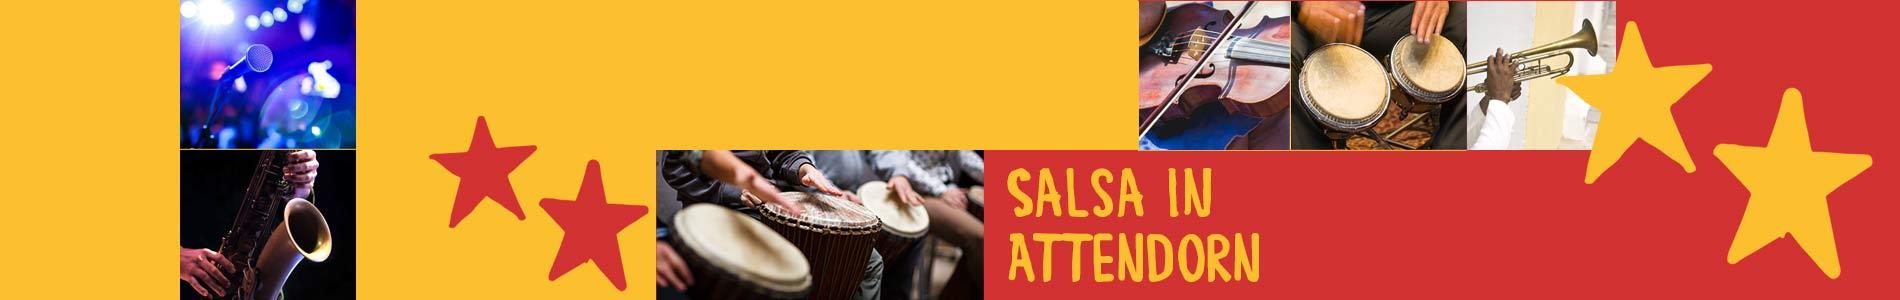 Salsa in Attendorn – Salsa lernen und tanzen, Tanzkurse, Partys, Veranstaltungen